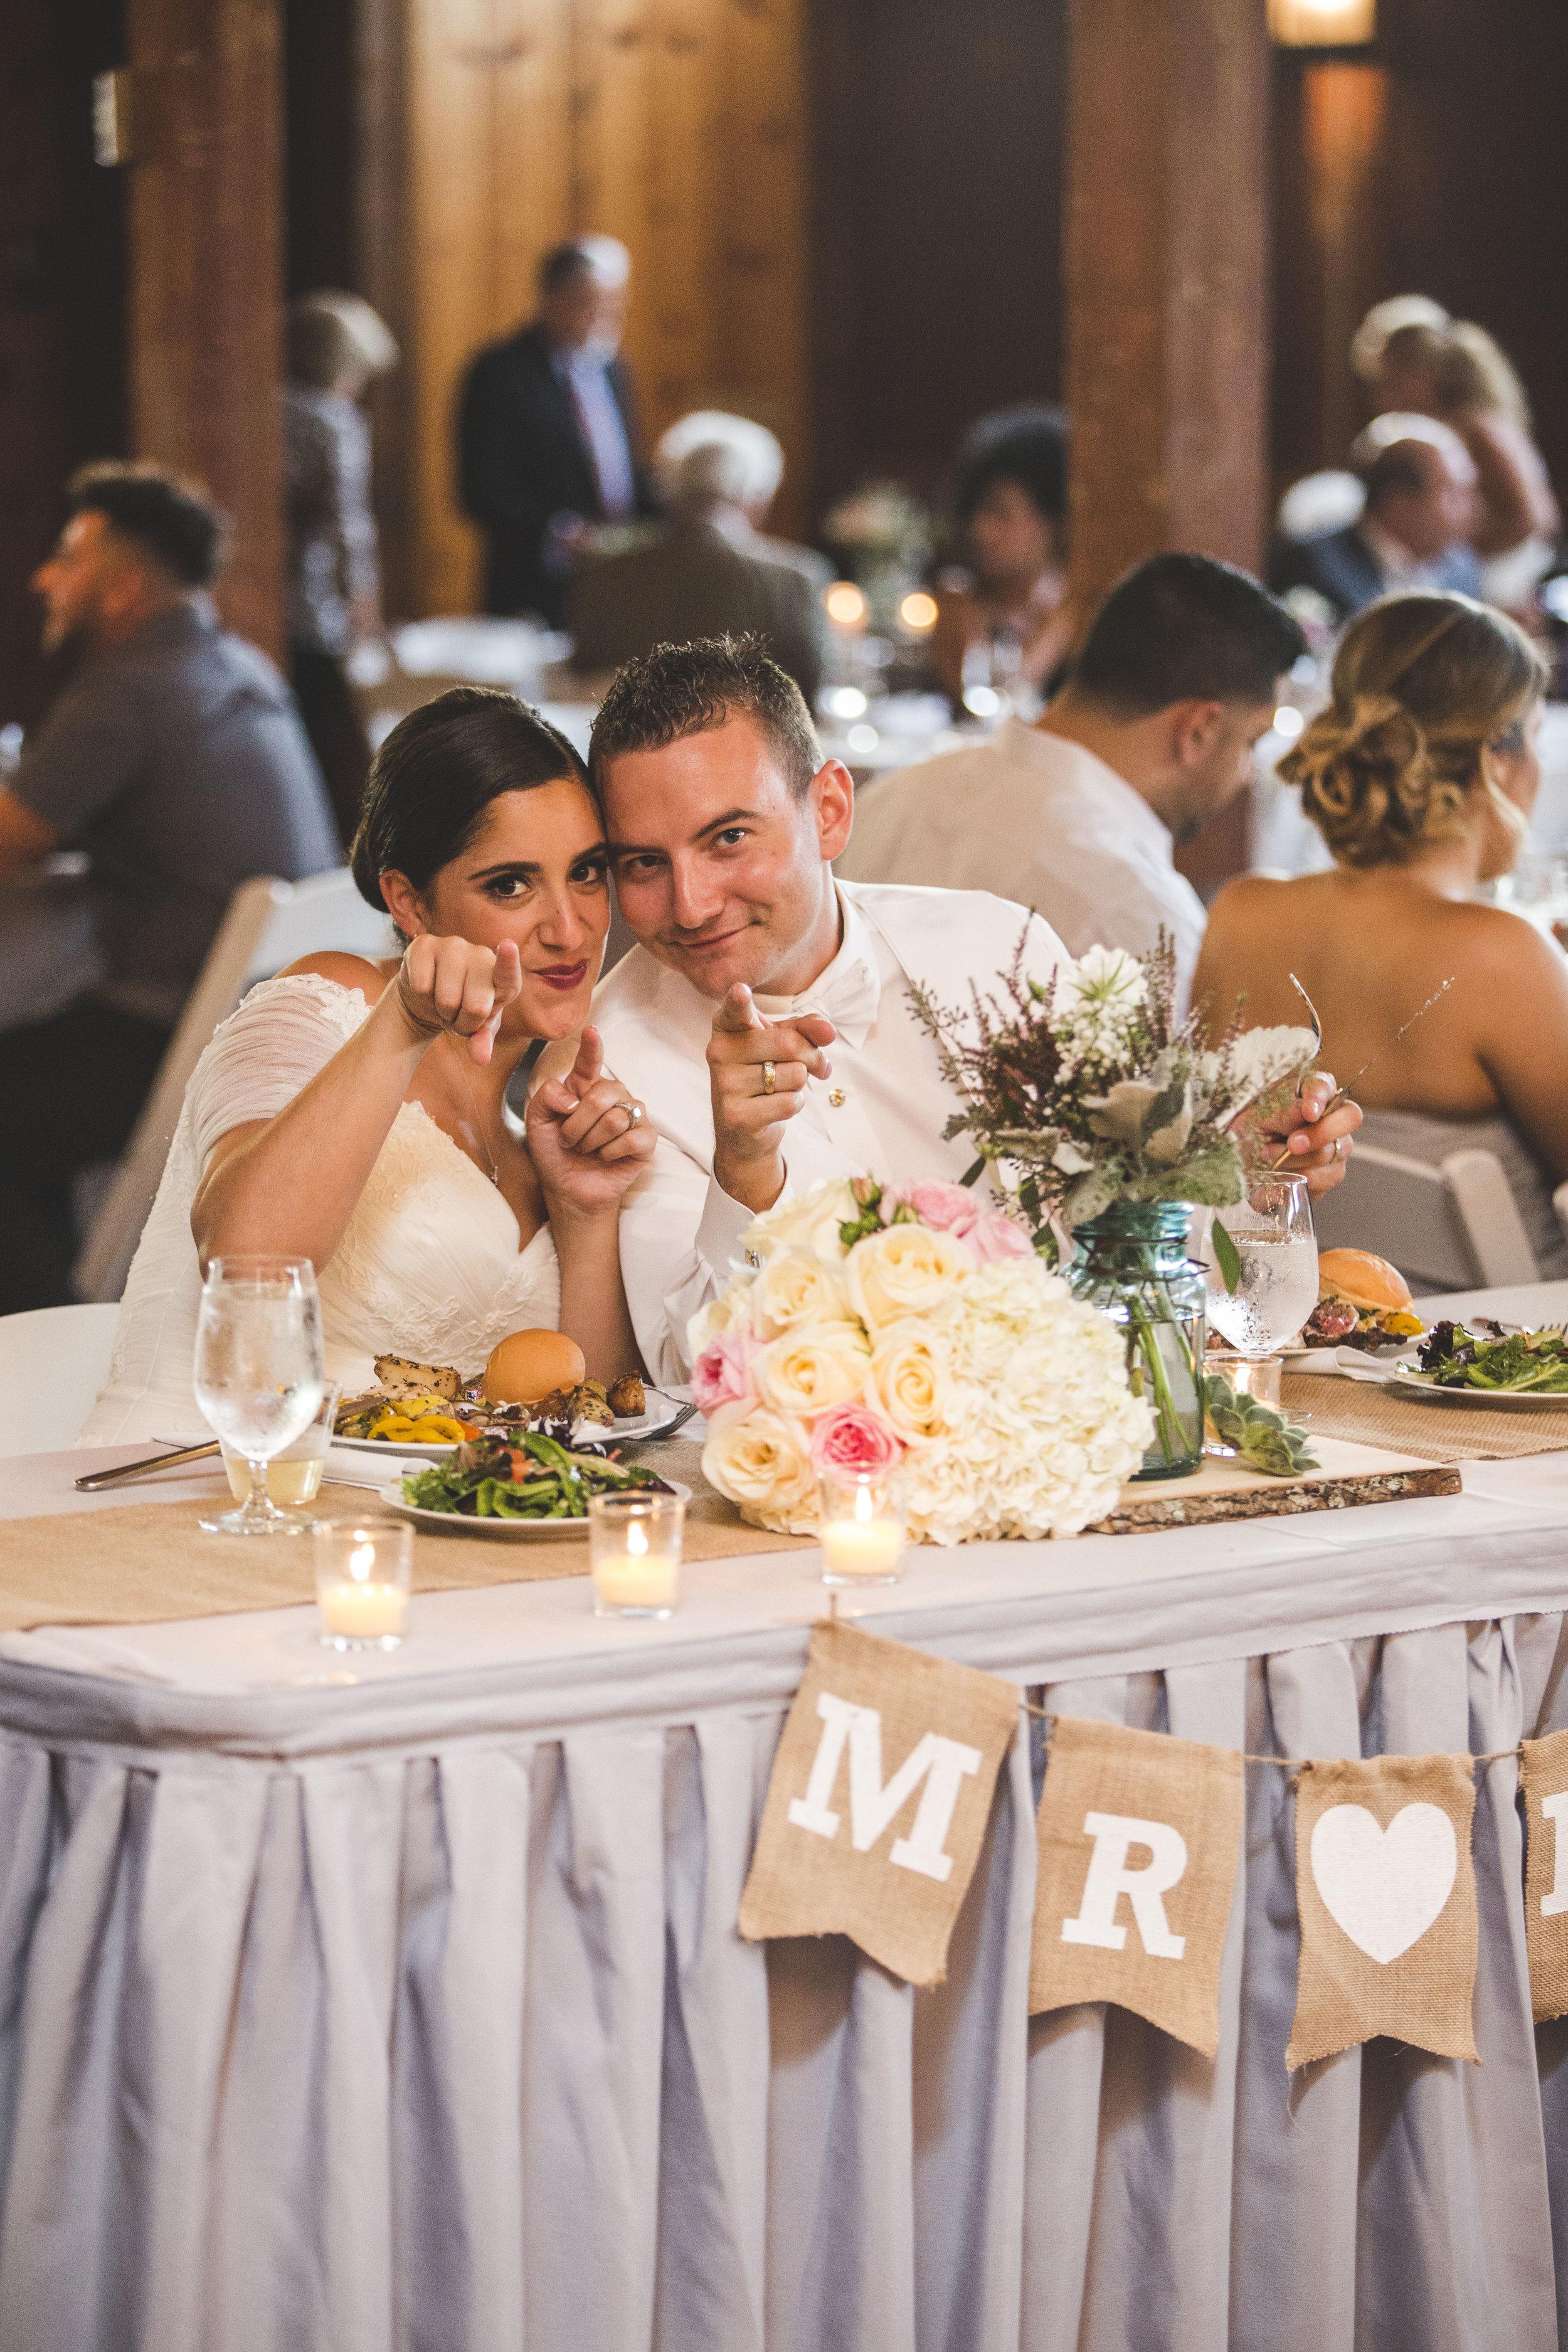 ATGI_Magali & Josh Wedding1__138.jpg